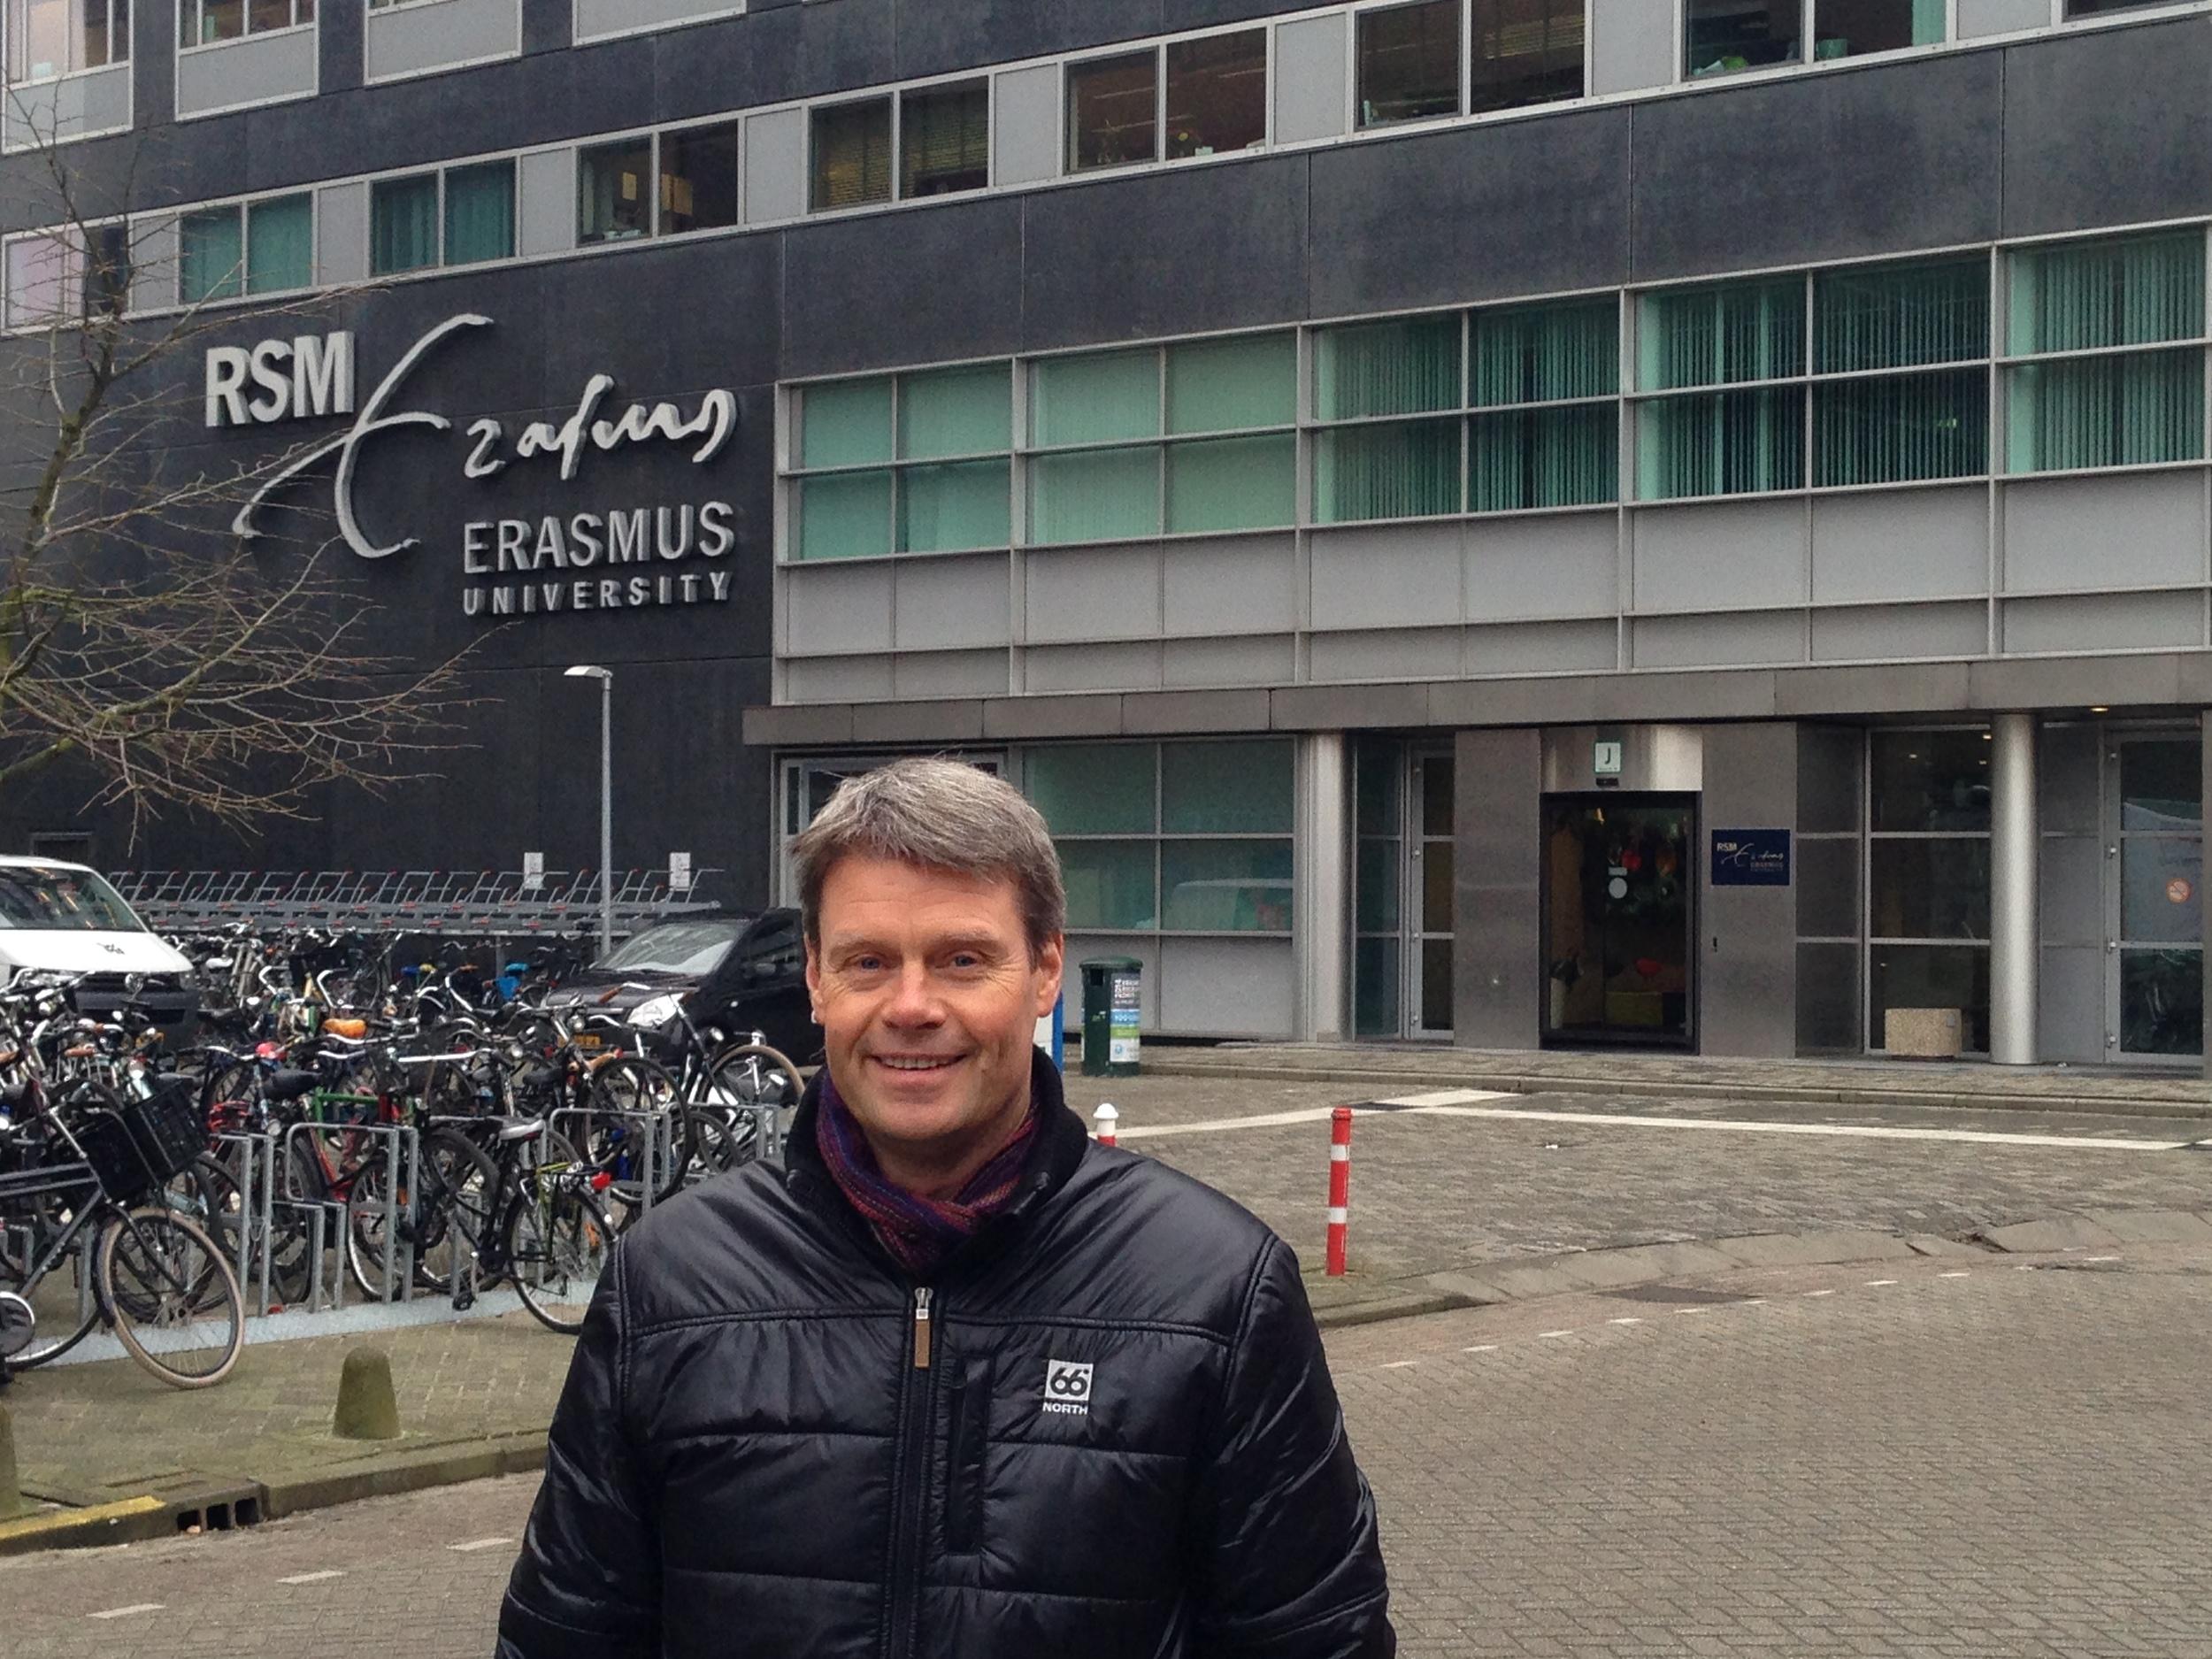 Benedikt in front of his former school, Rotterdam School of Management (RSM)